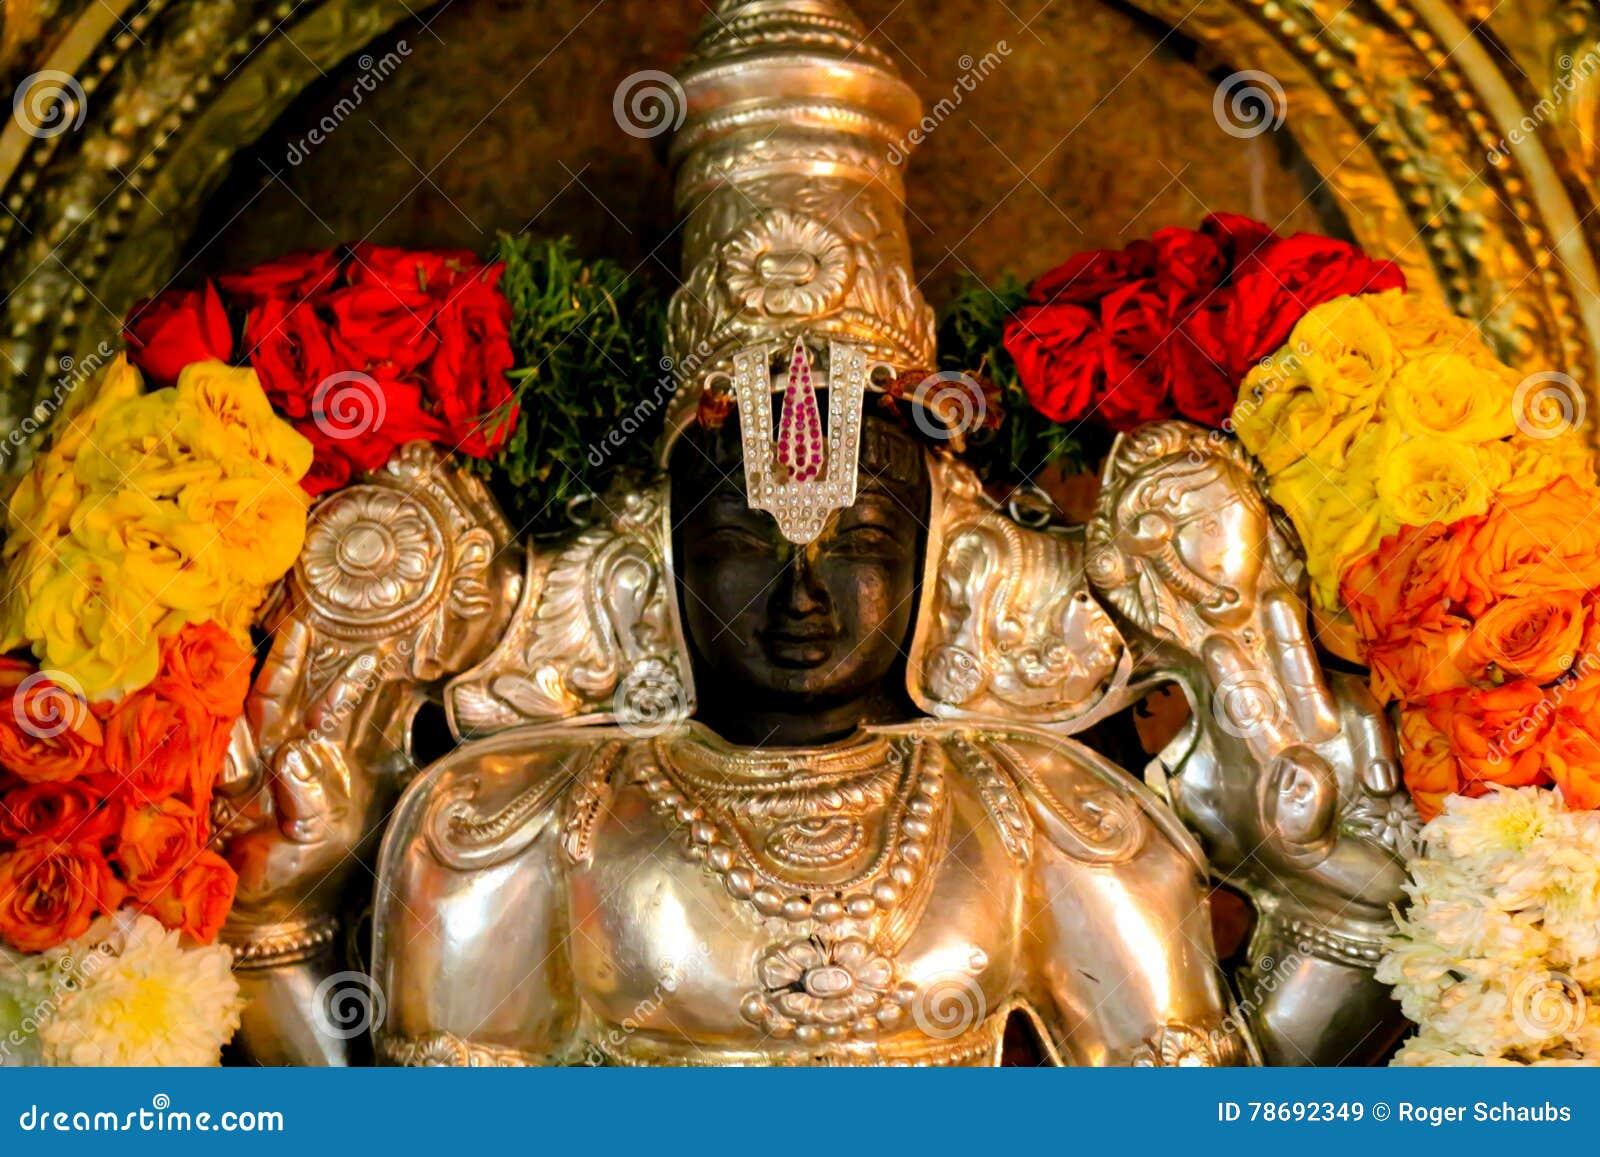 Statue Vishnu de temple hindou